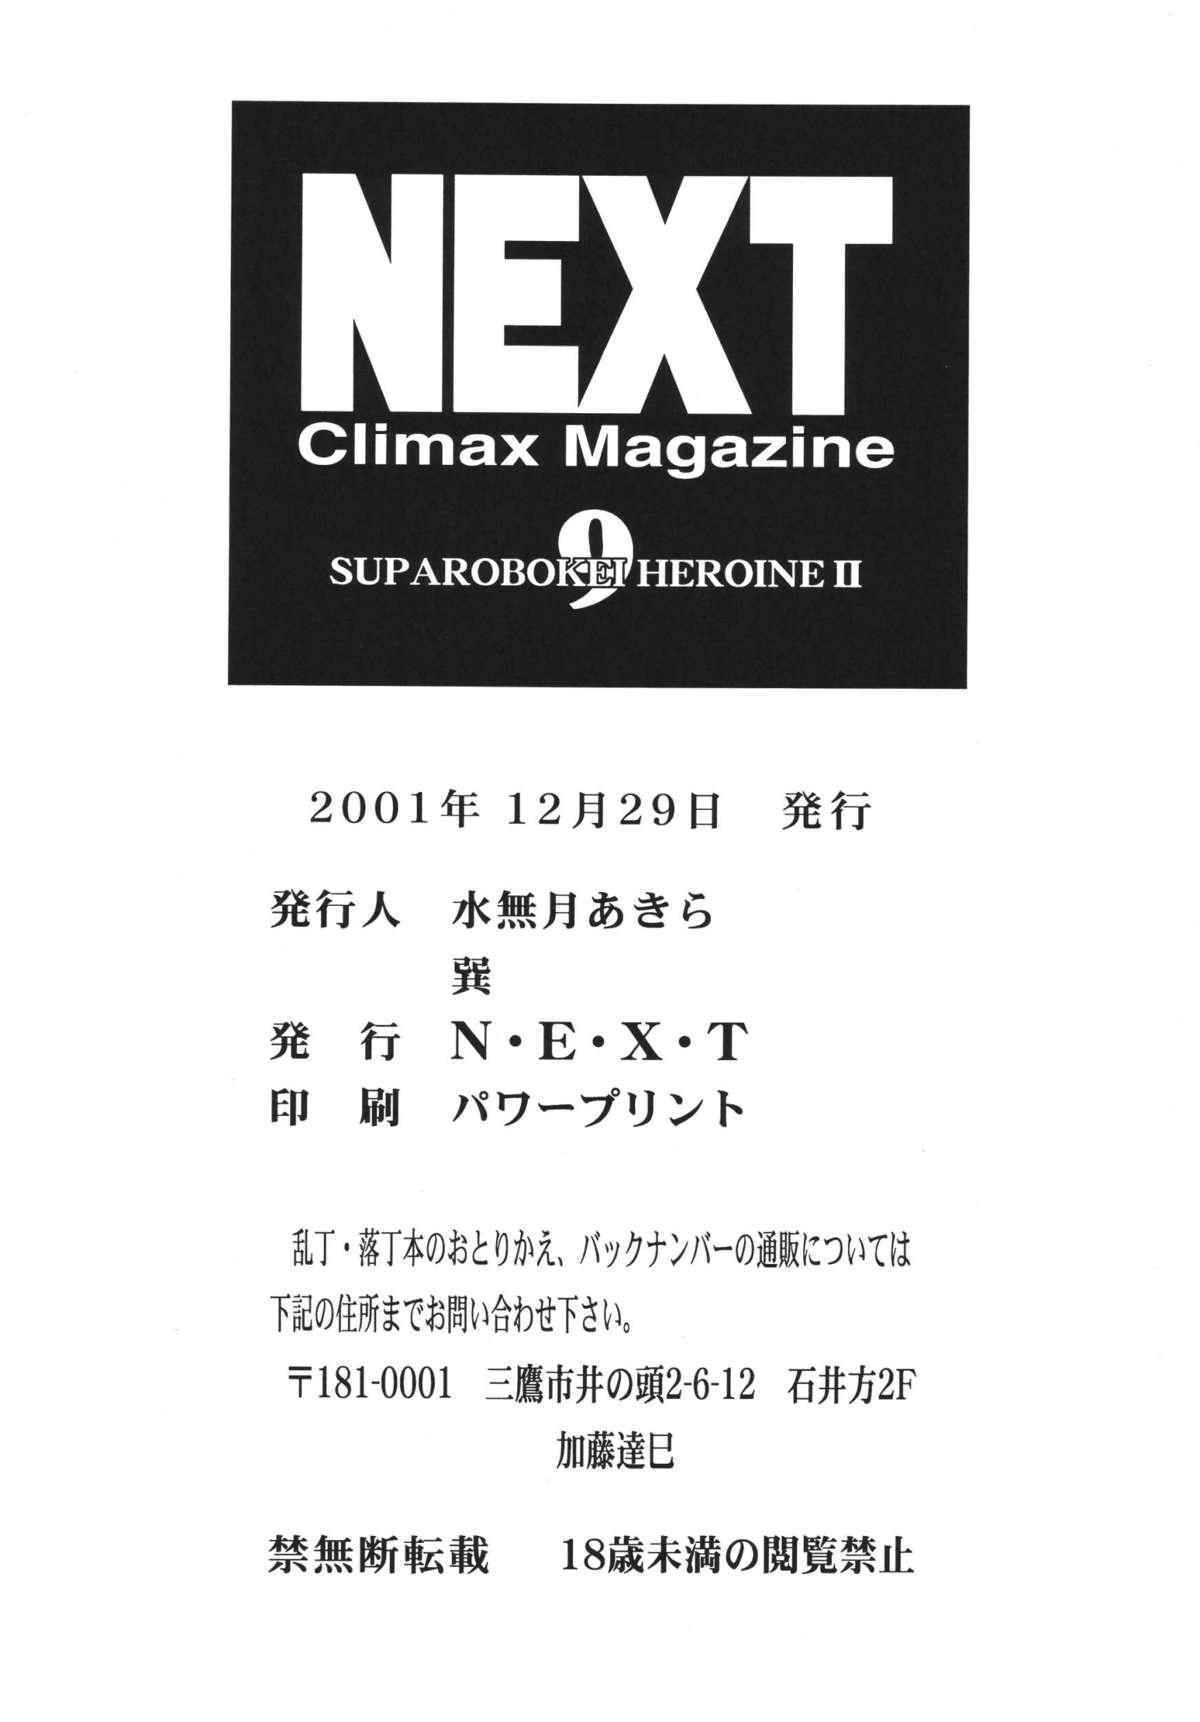 NEXT 9 97